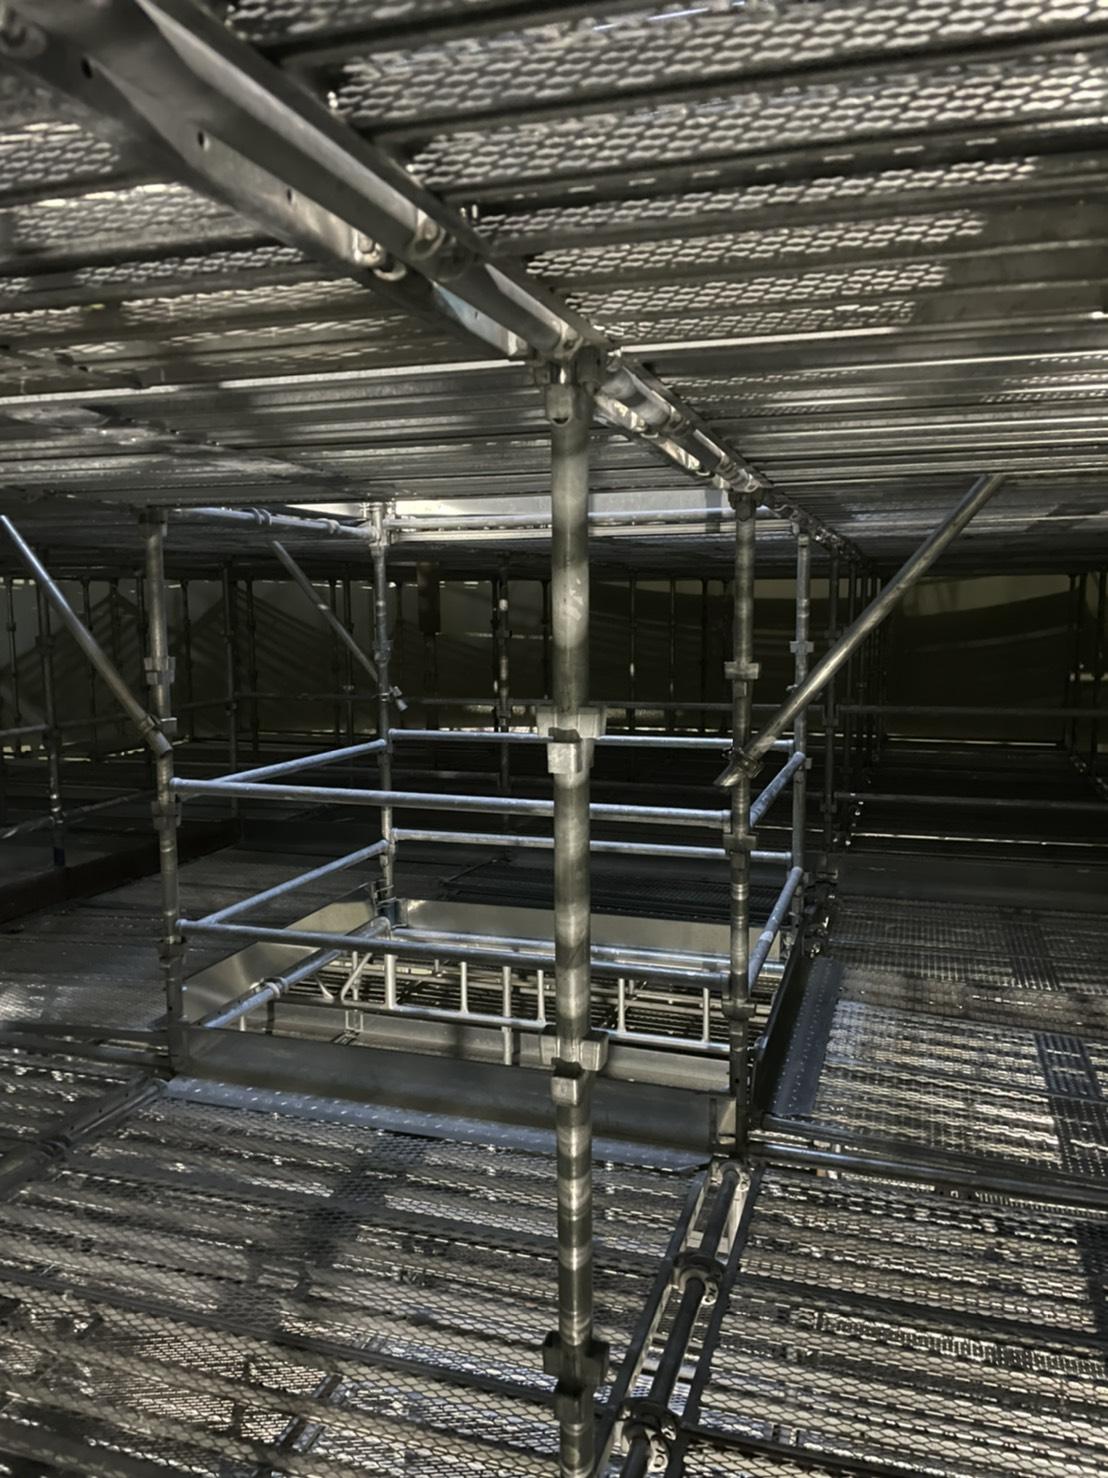 福岡県福岡市東区 某水処理センター 消化槽内 内部足場工事②